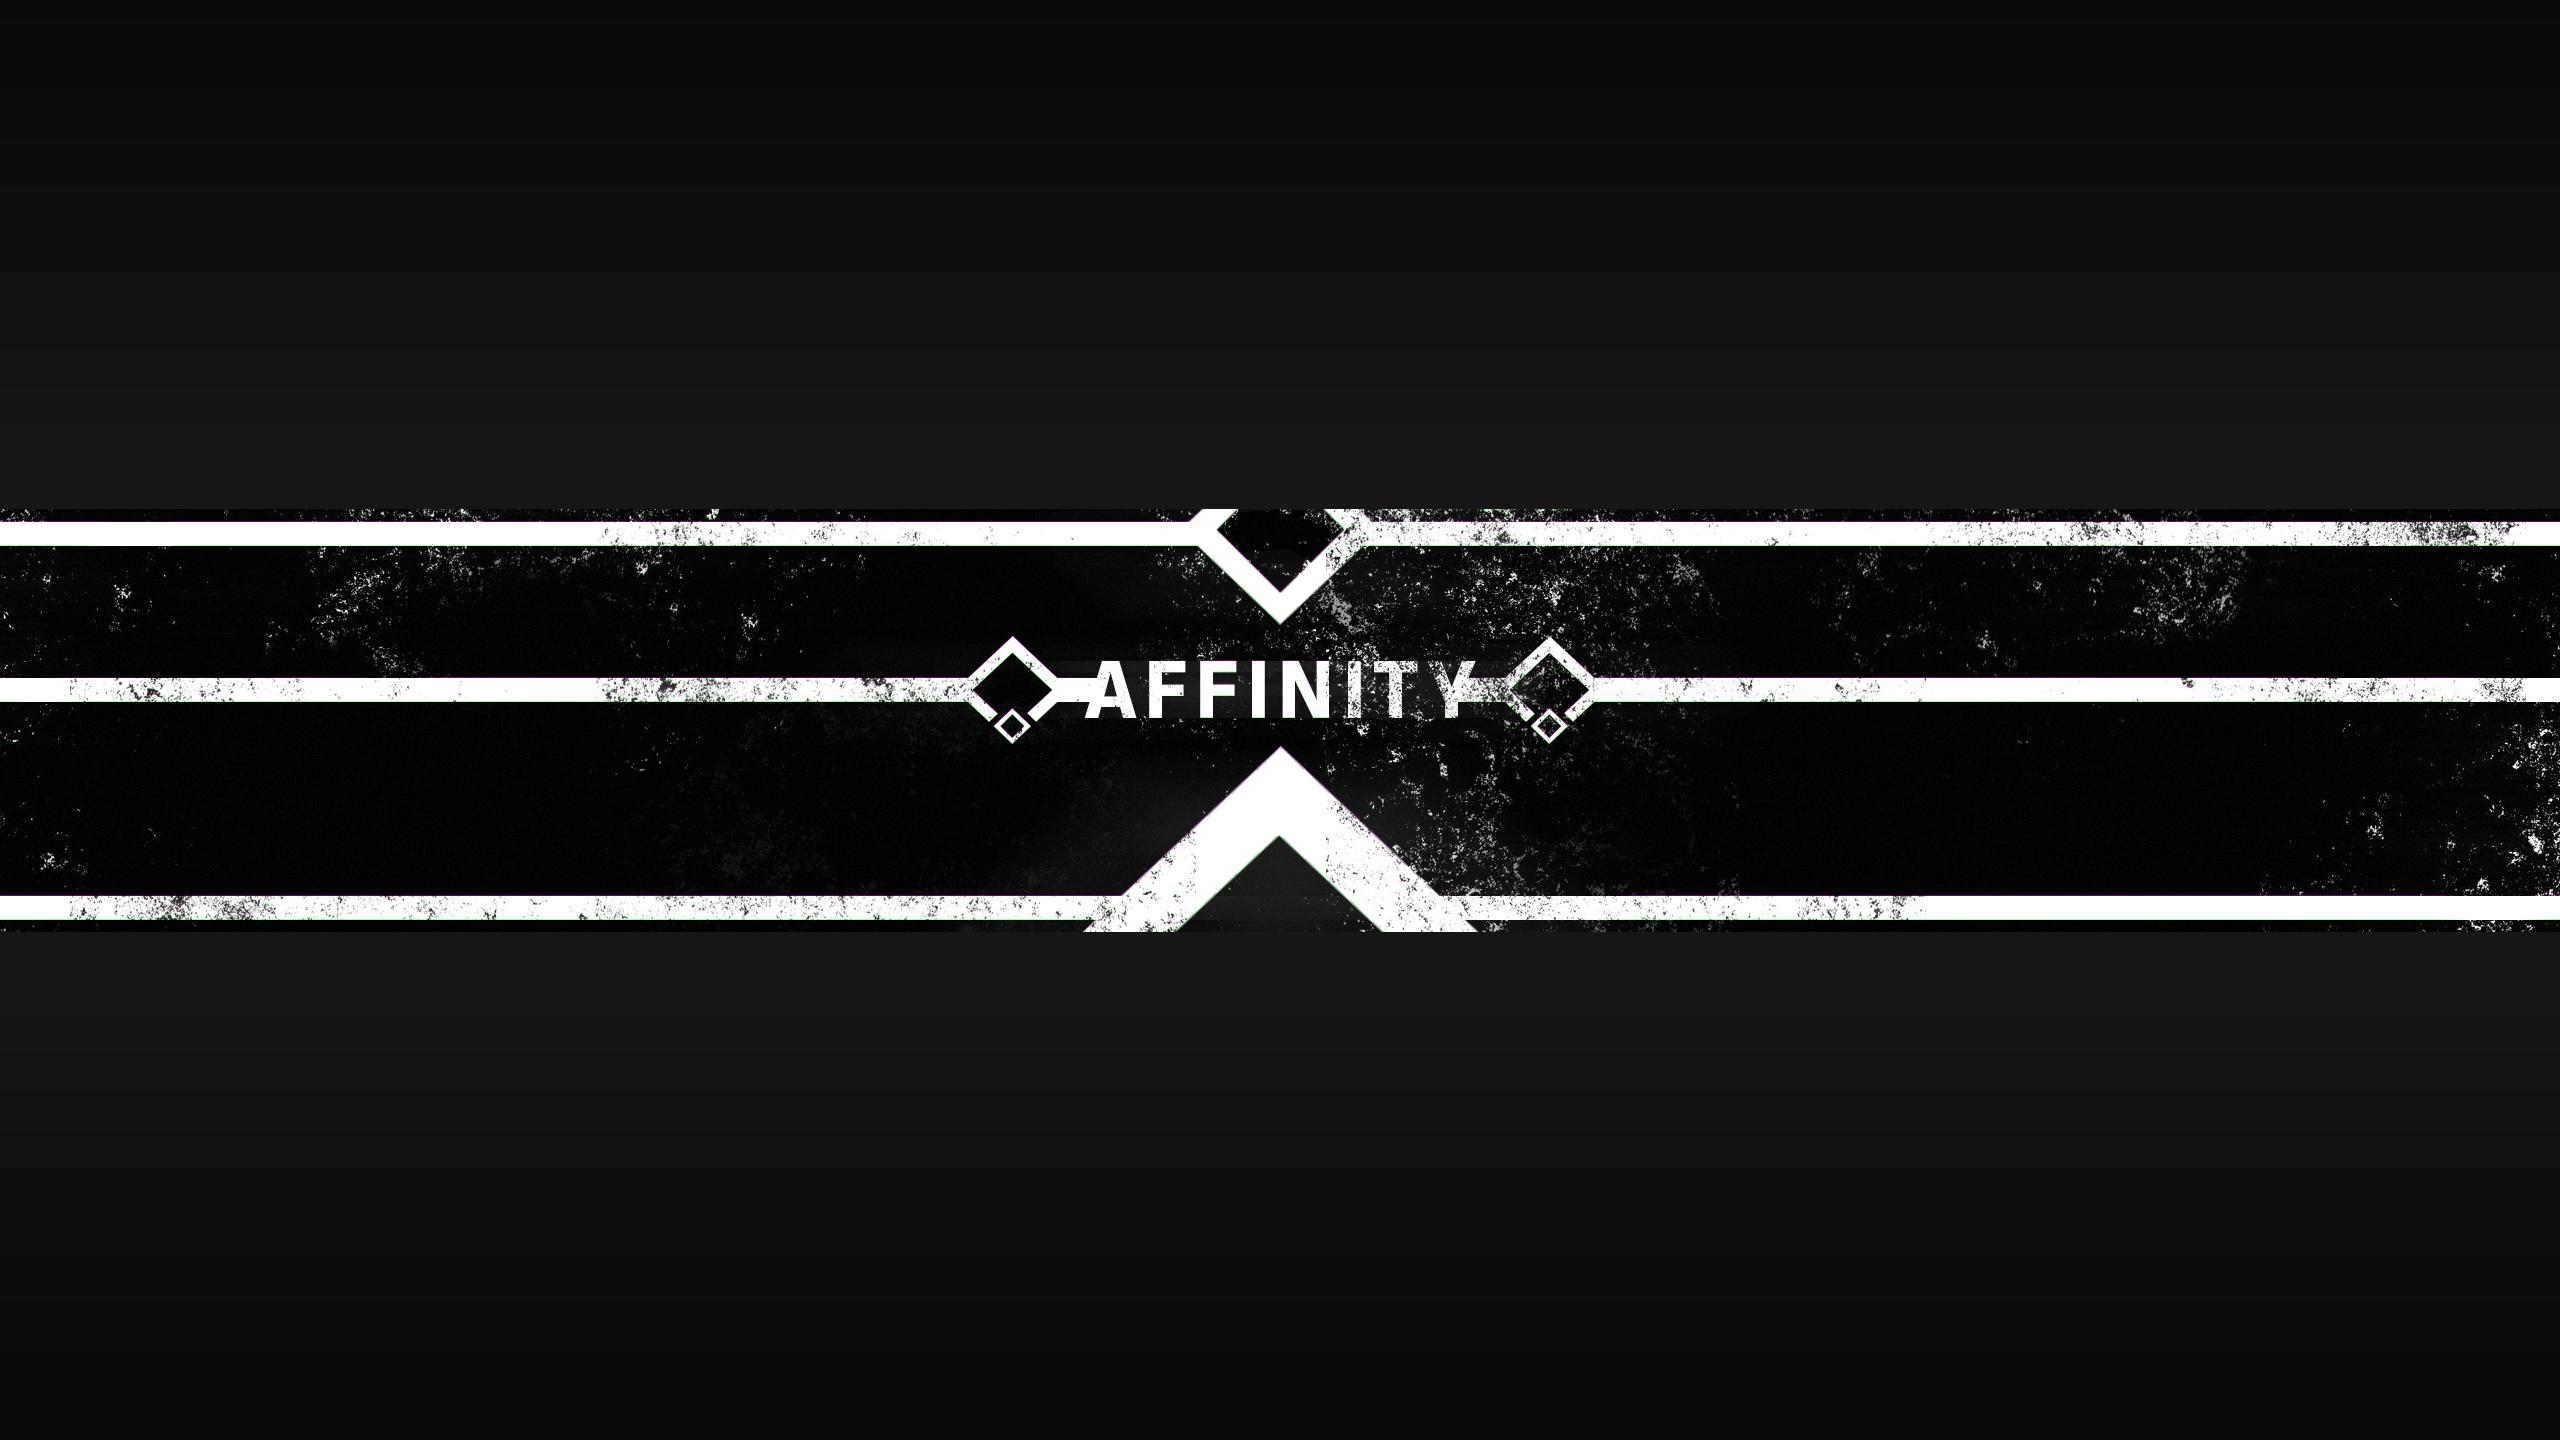 Affinity Banner by Ethiqal on DeviantArt